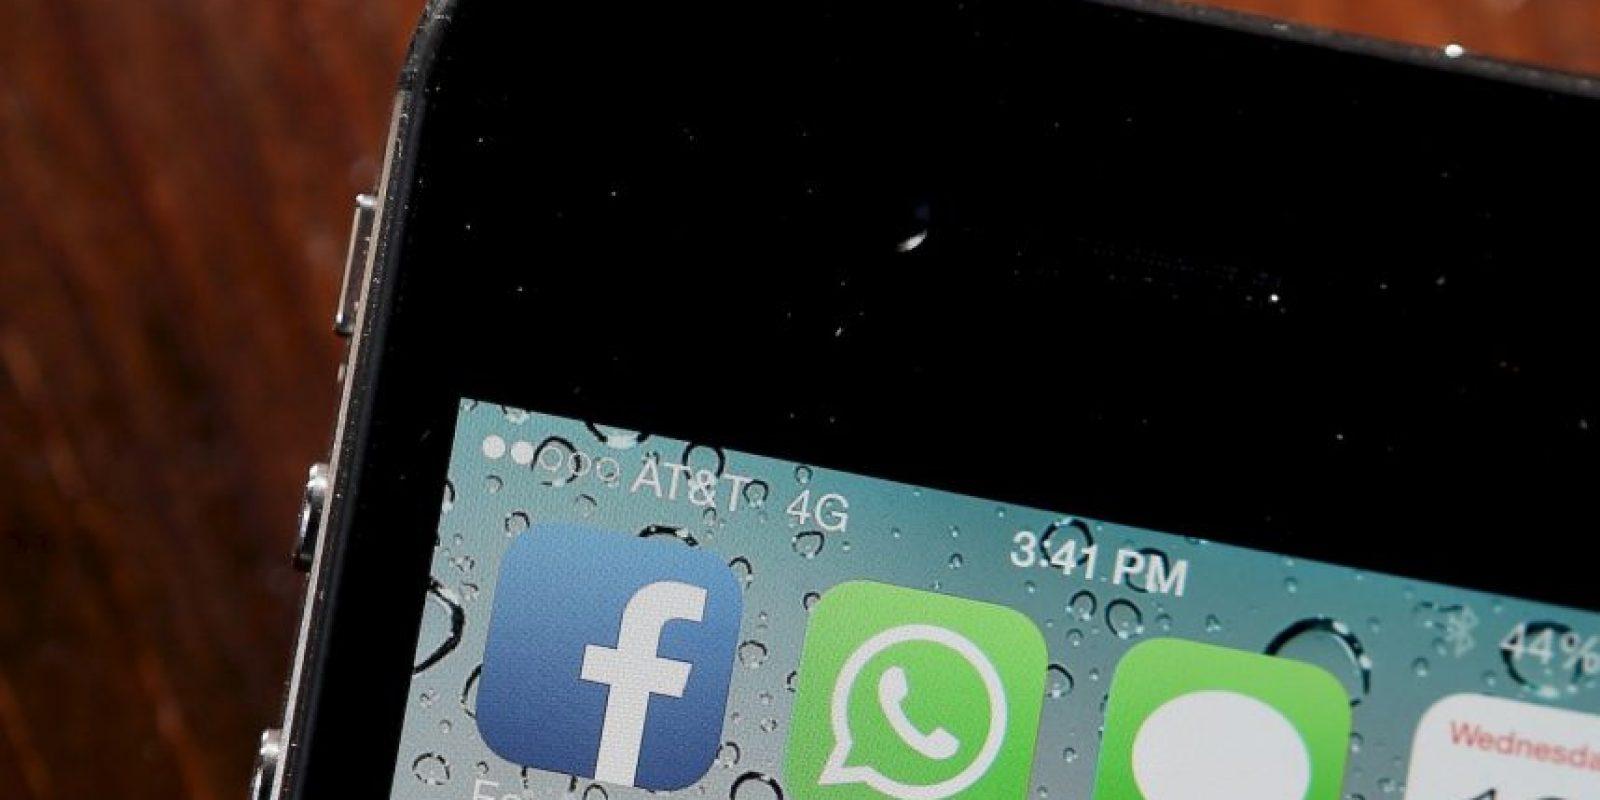 WhatsApp no es tan segura como pensamos, dicen expertos Foto:Getty Imeges